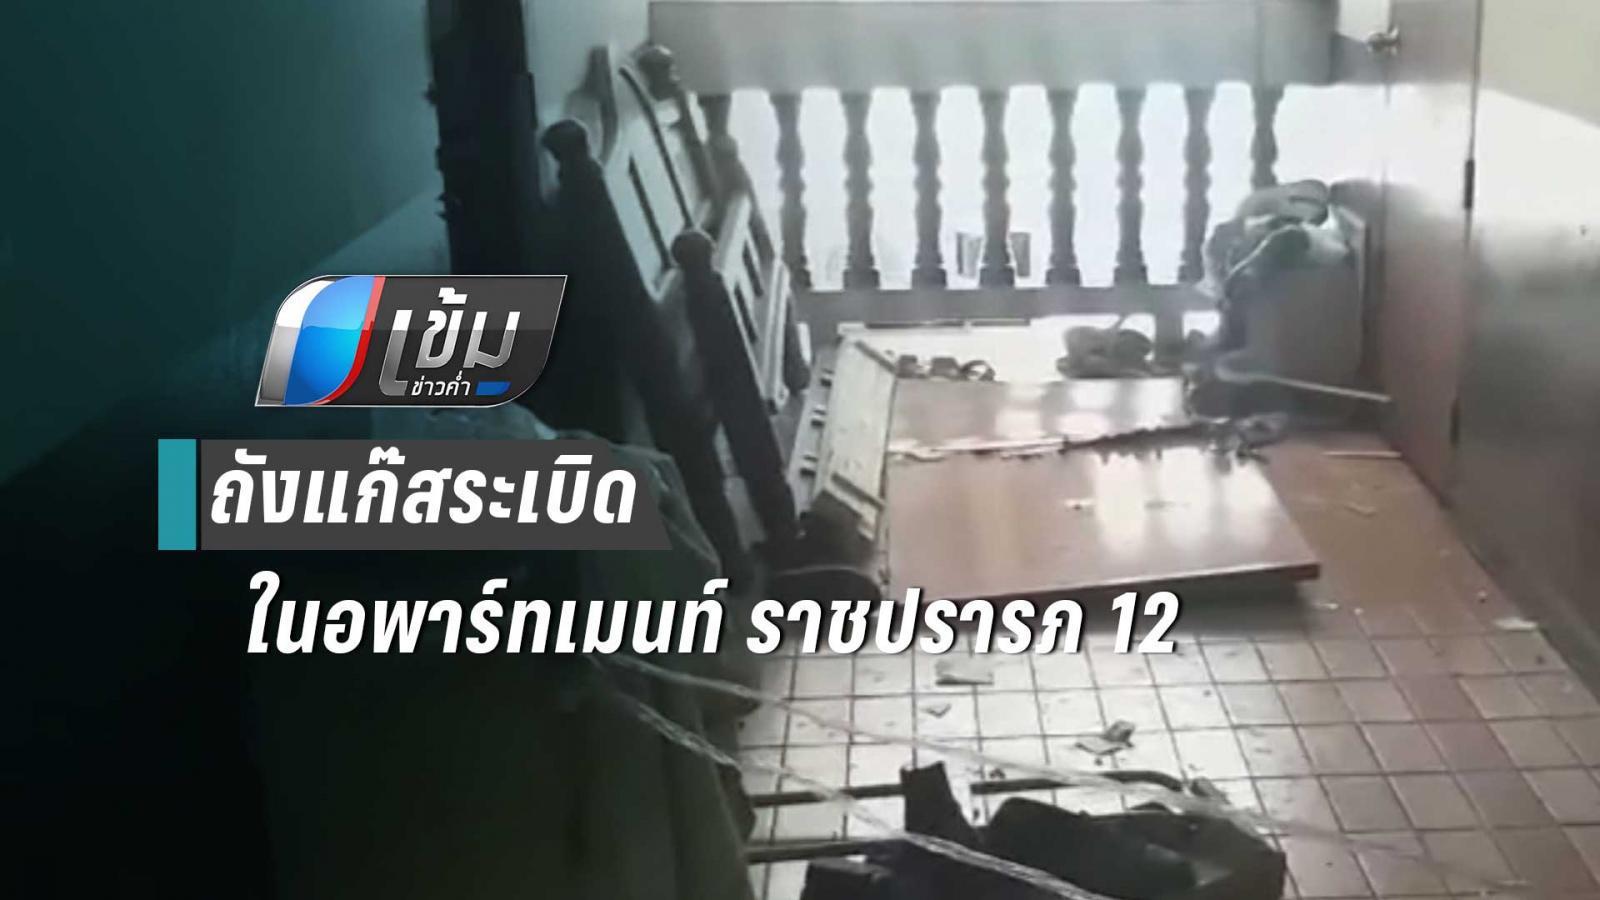 แก๊สระเบิดในอพาร์ตเมนท์ ชาวต่างชาติเจ็บหนึ่ง